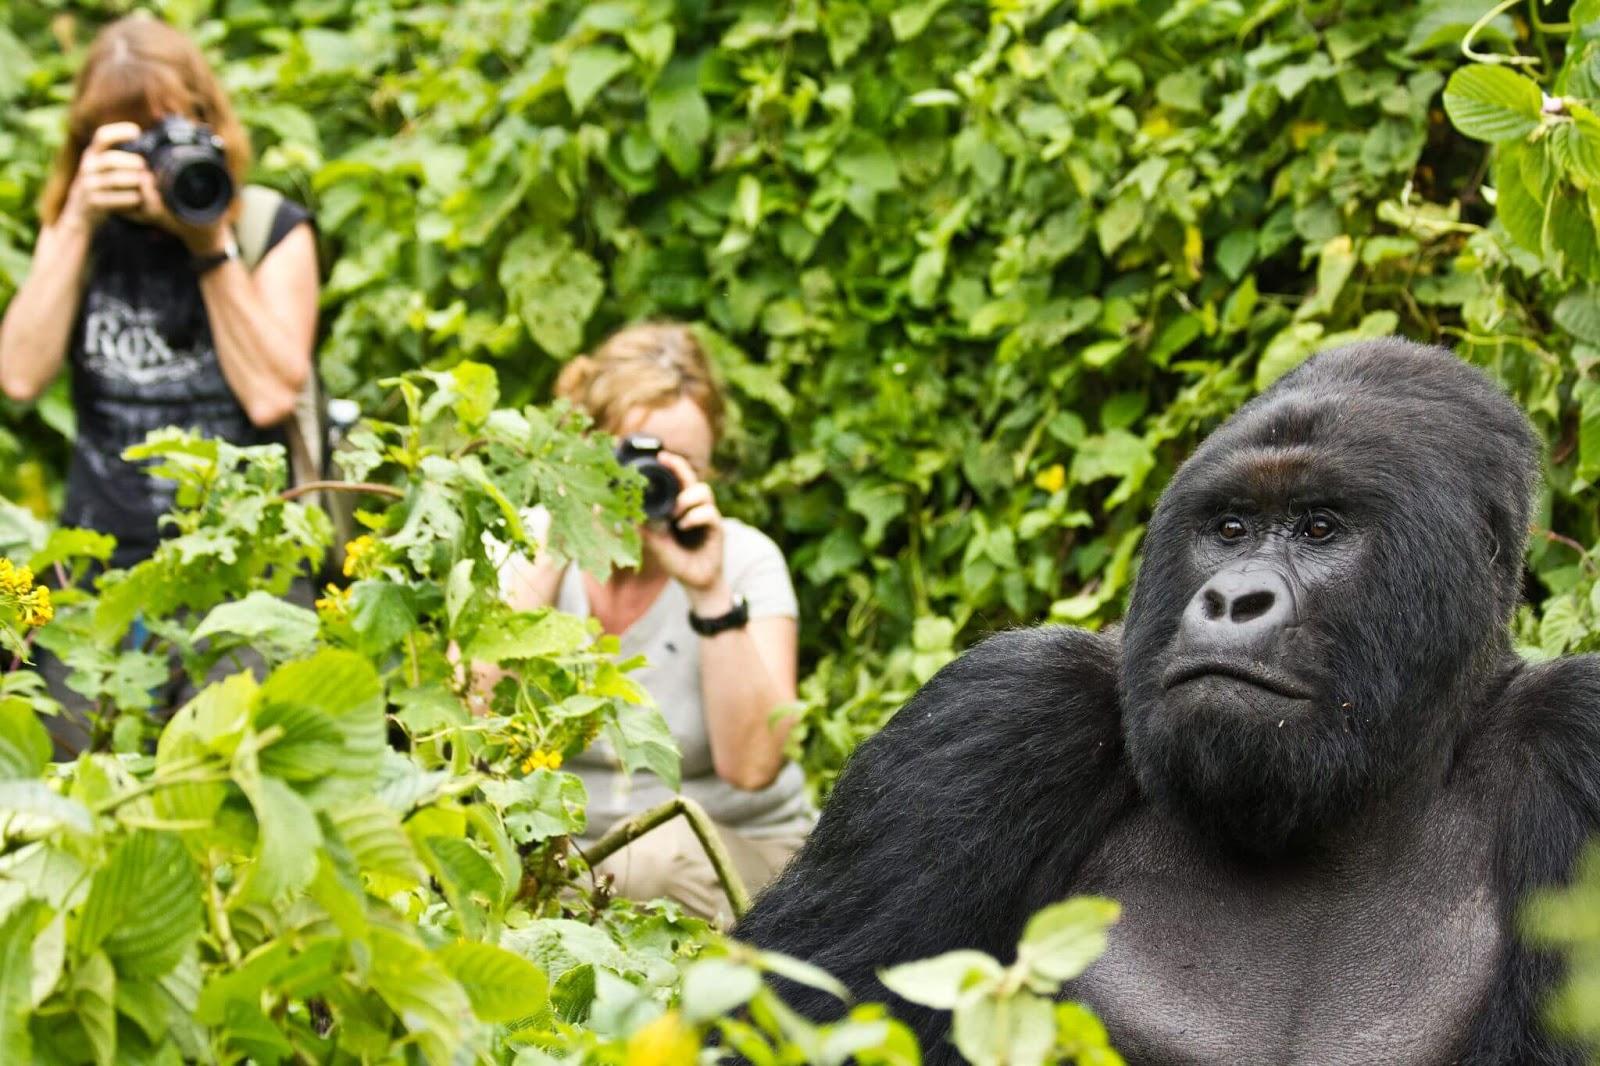 africa tour operators in uganda